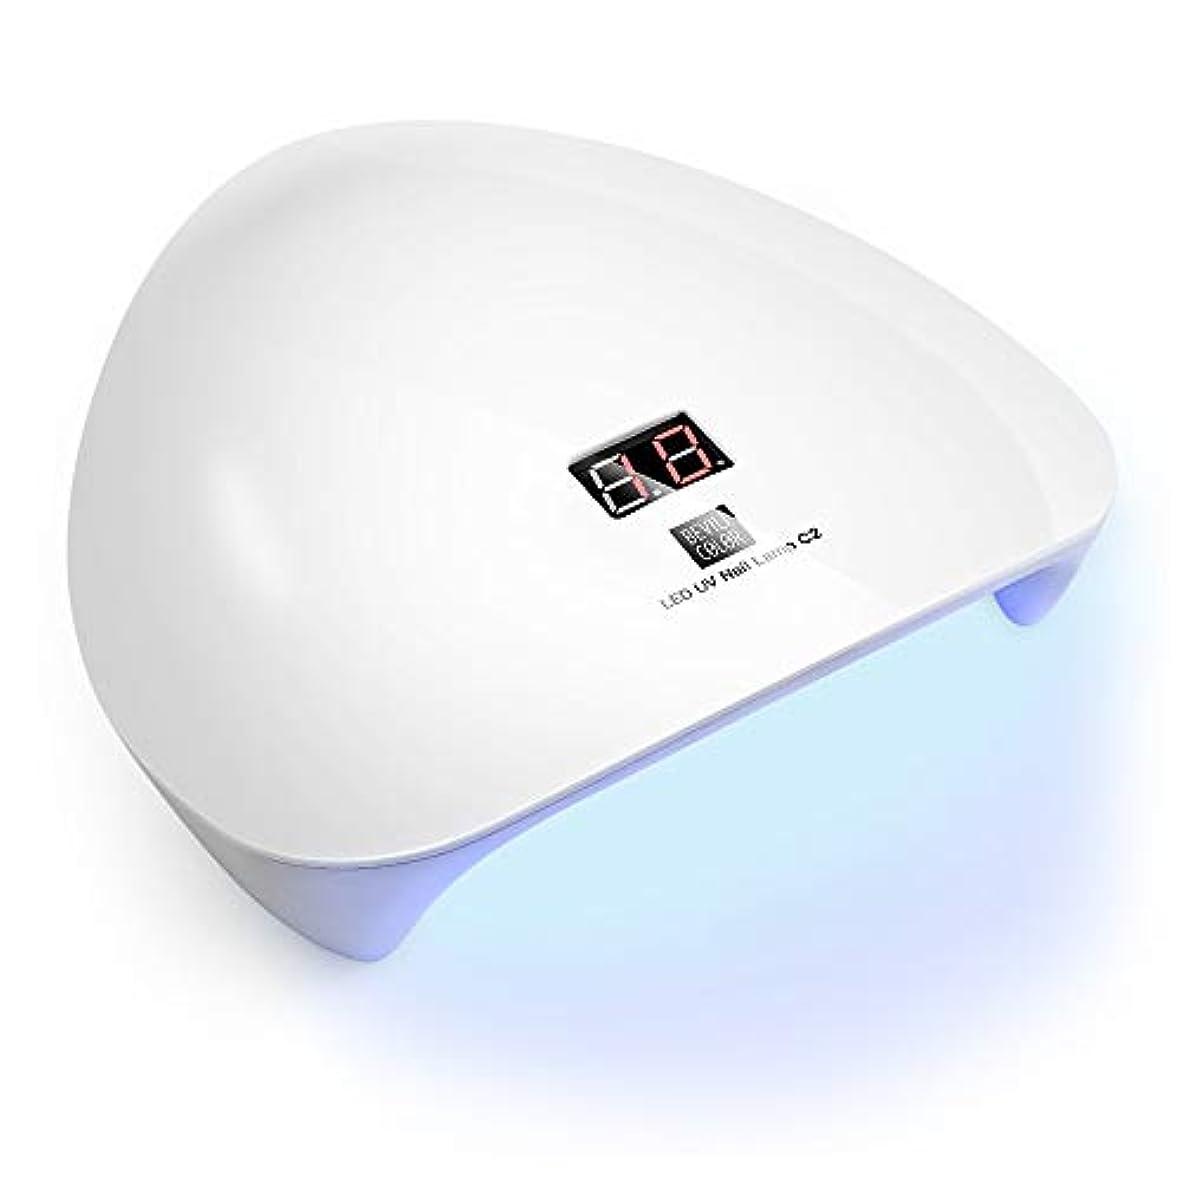 画面浪費カートリッジWEVILI ネイル硬化用ライト UVライト LEDライト UVライトネイルドライヤー マニキュア用 LED ネイルドライヤー タイマー機能 自動センサー機能 レジン 便利 (45W 硬化用UVライト)